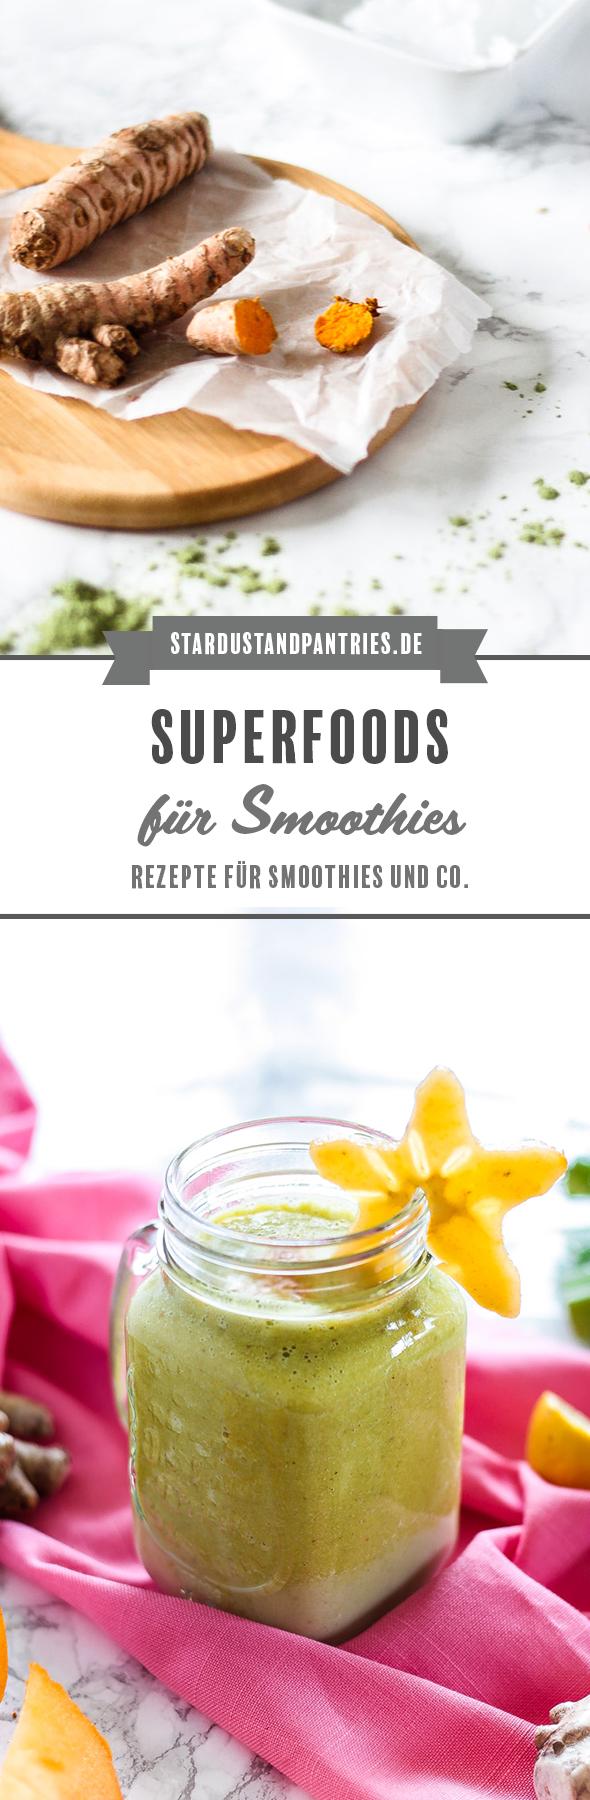 Warum sind Superfoods so gesund? Hier gibt's Rezepte mit Weizengraspulver, Ingwer, Kokosöl, Kurkuma und die Erklärung warum Superfoods in deinen SMoothie MÜSSEN1